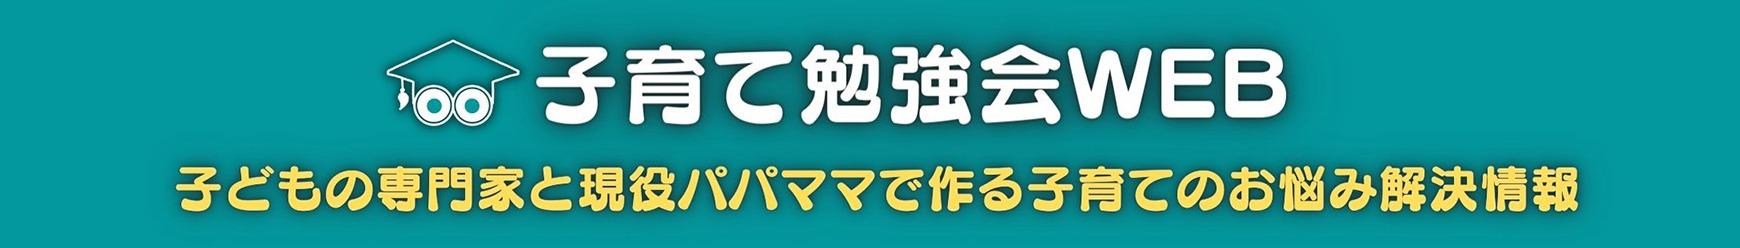 子育て勉強会WEB product byTERU